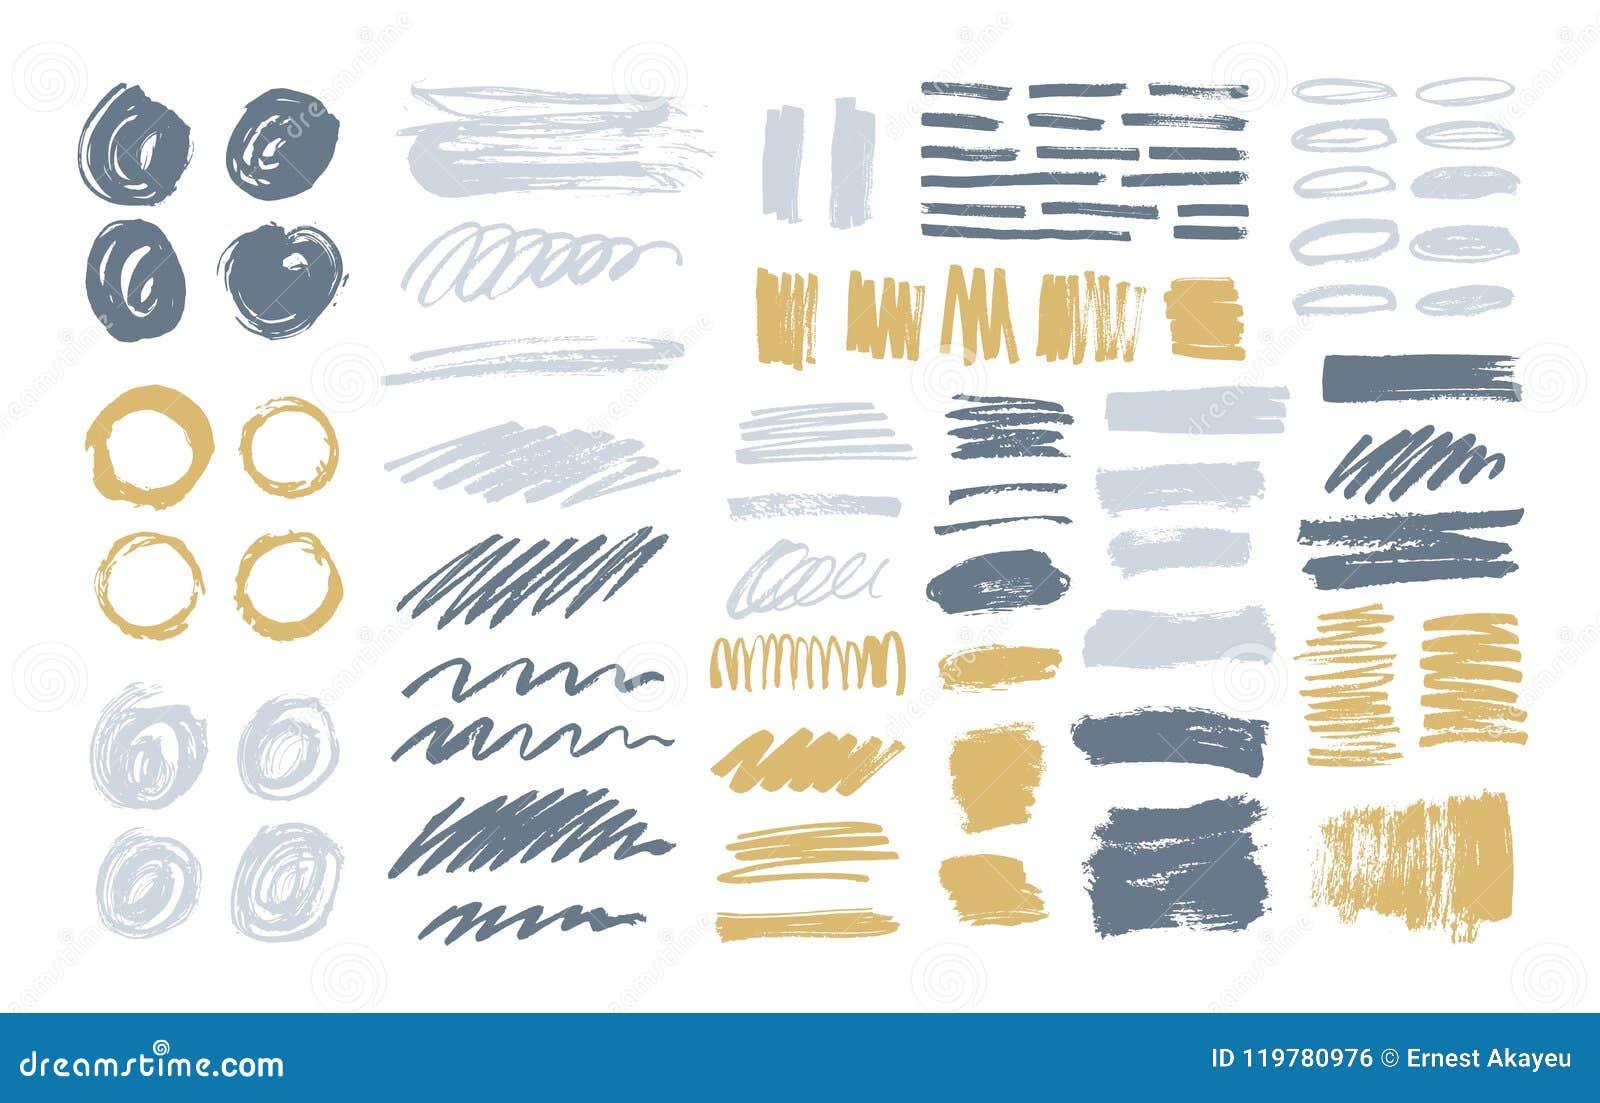 Le paquet de courses colorées de brosse, peinture trace, tache, des calomnies, taches, griffonnage d isolement sur le fond blanc